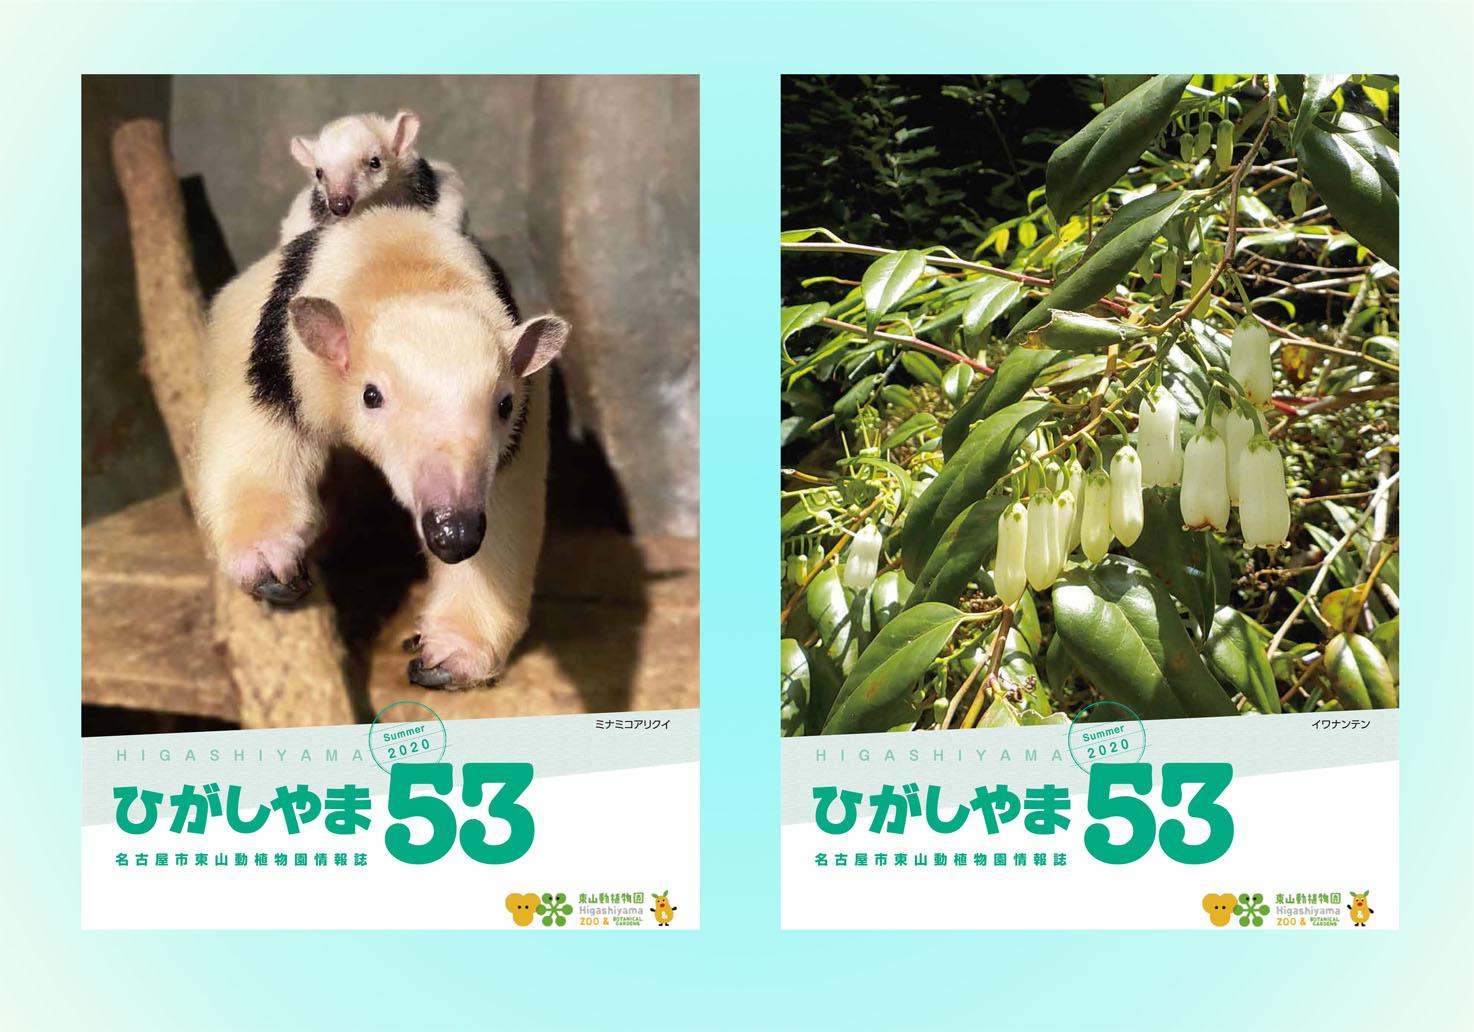 東山動植物園の情報誌ひがしやま53号を発行しました。